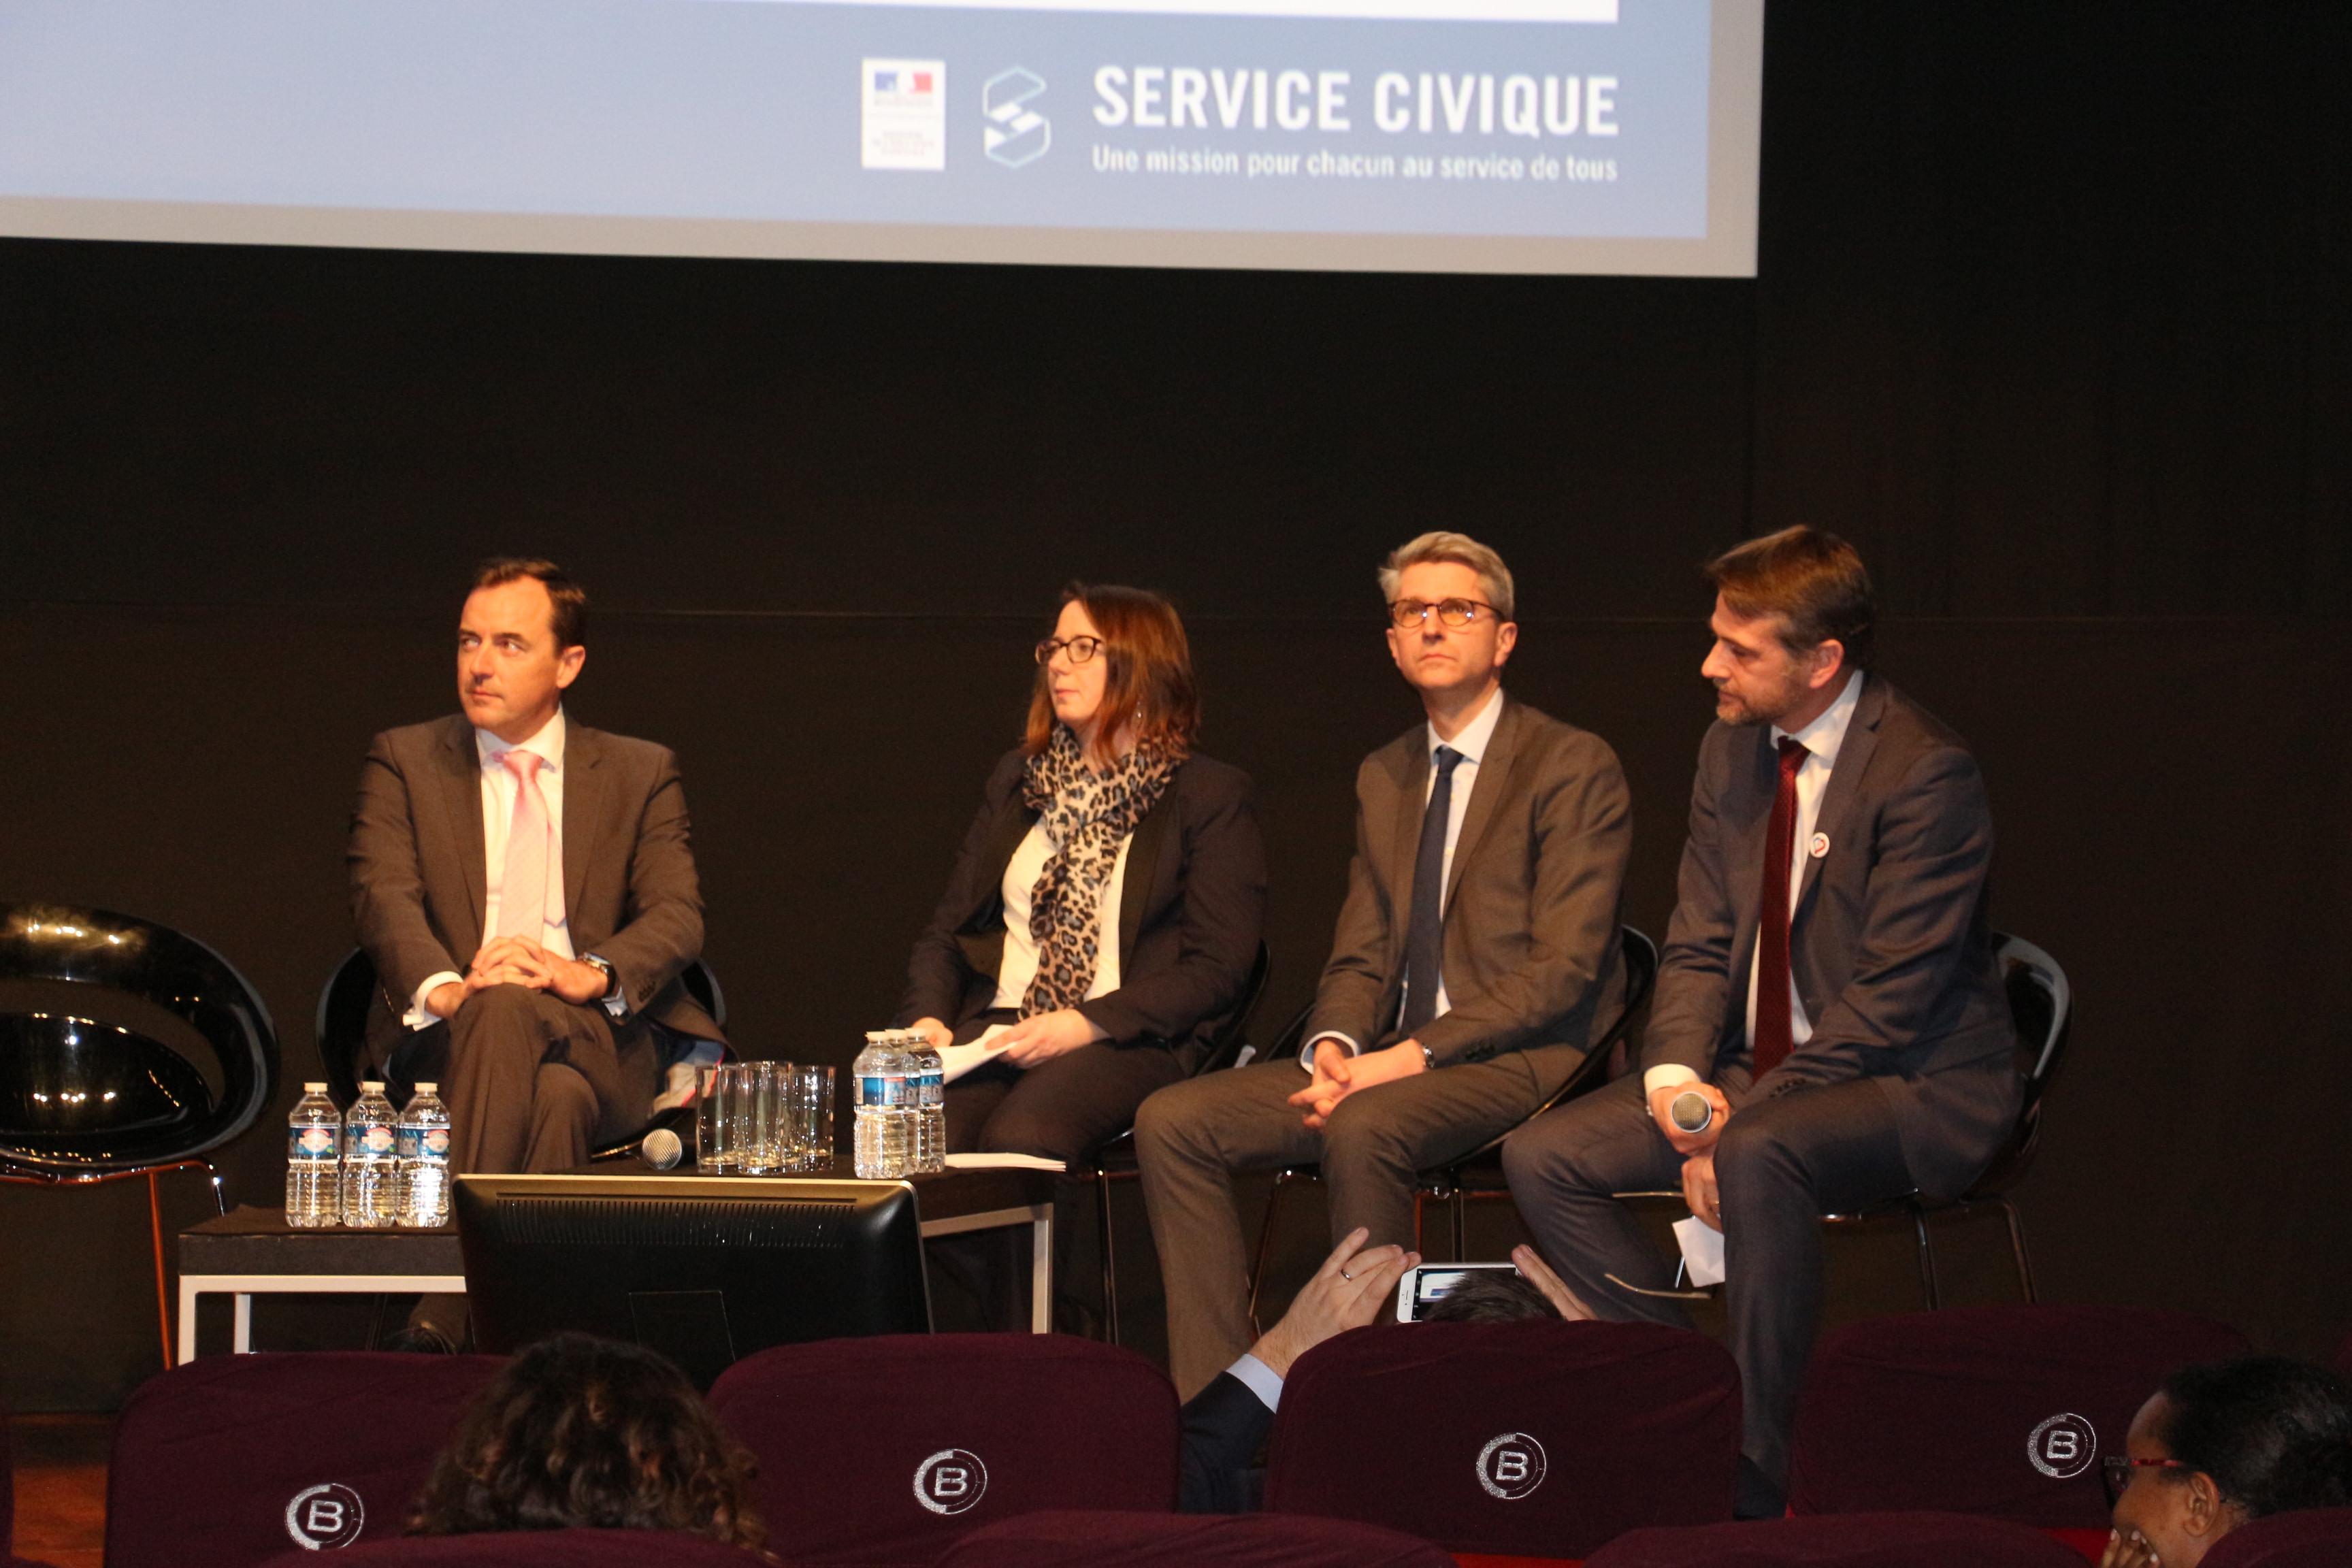 Adecco France, Groupe Casino et Up Group s'engagent à valoriser le service civique